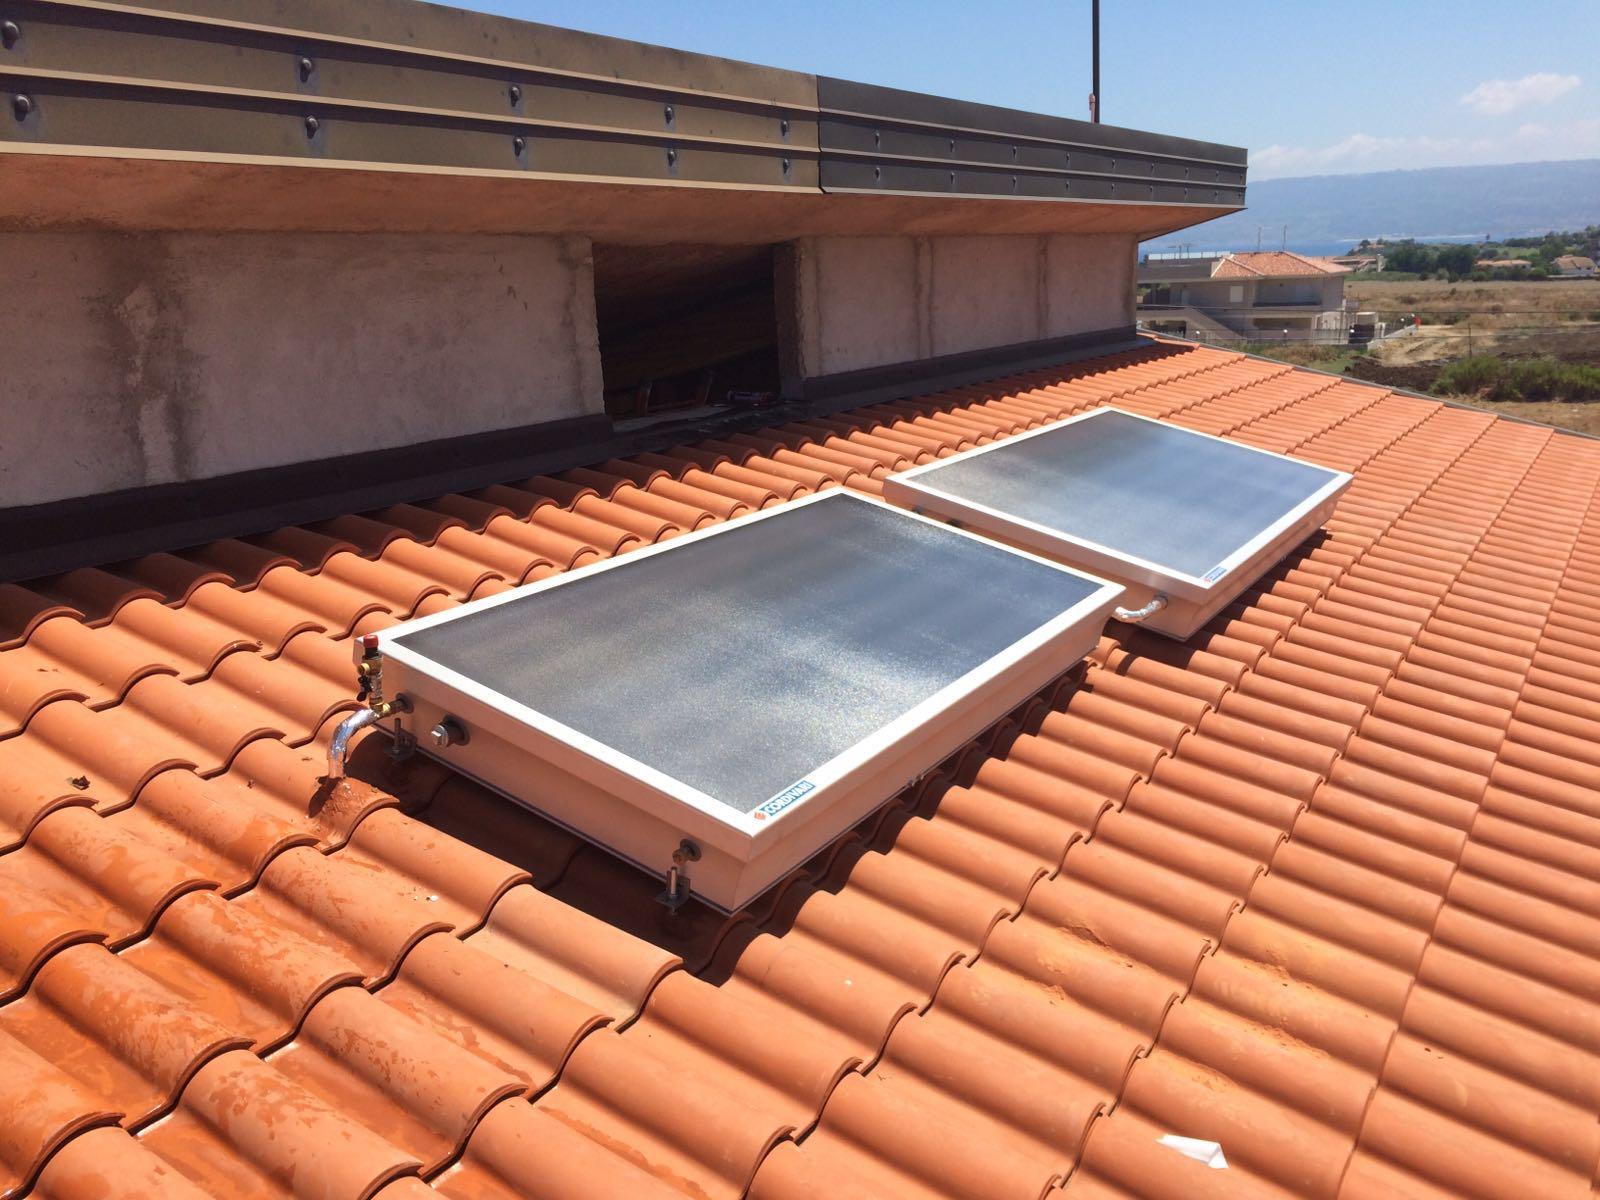 Pannello Solare Termico Cordivari : Impianto solare termico cordivari sistema stratos